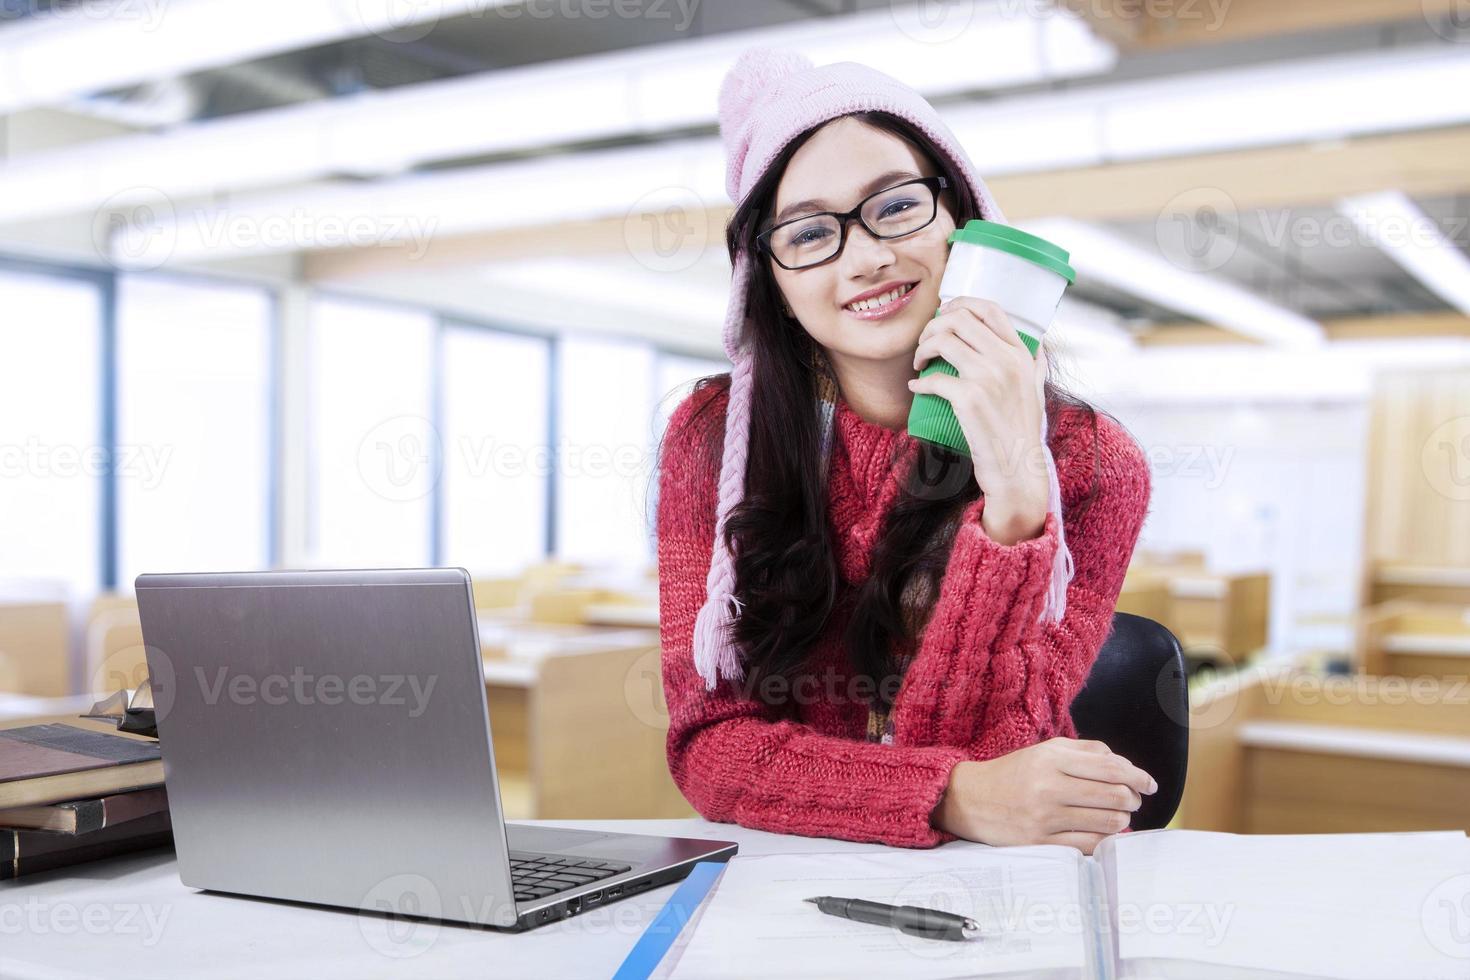 jolie fille avec pull étudier en classe photo